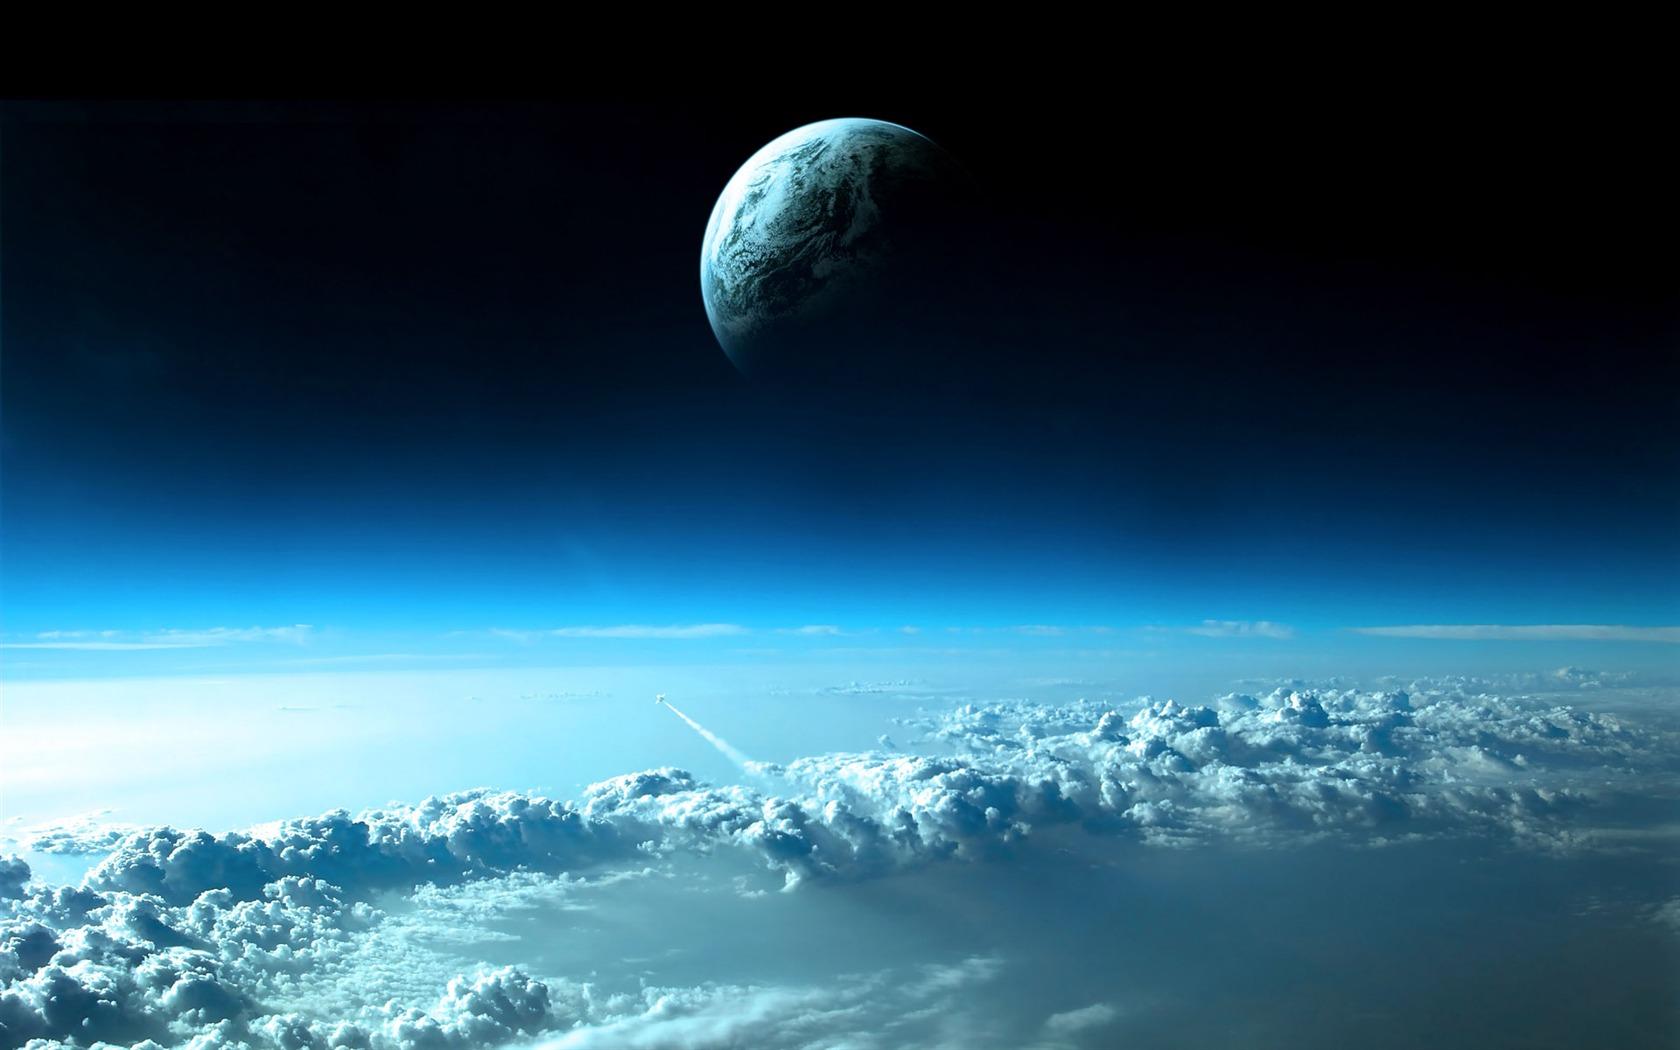 スター地球の壁紙のhd 16 1680x1050 壁紙ダウンロード スター地球の壁紙のhd 風景 壁紙 V3の壁紙